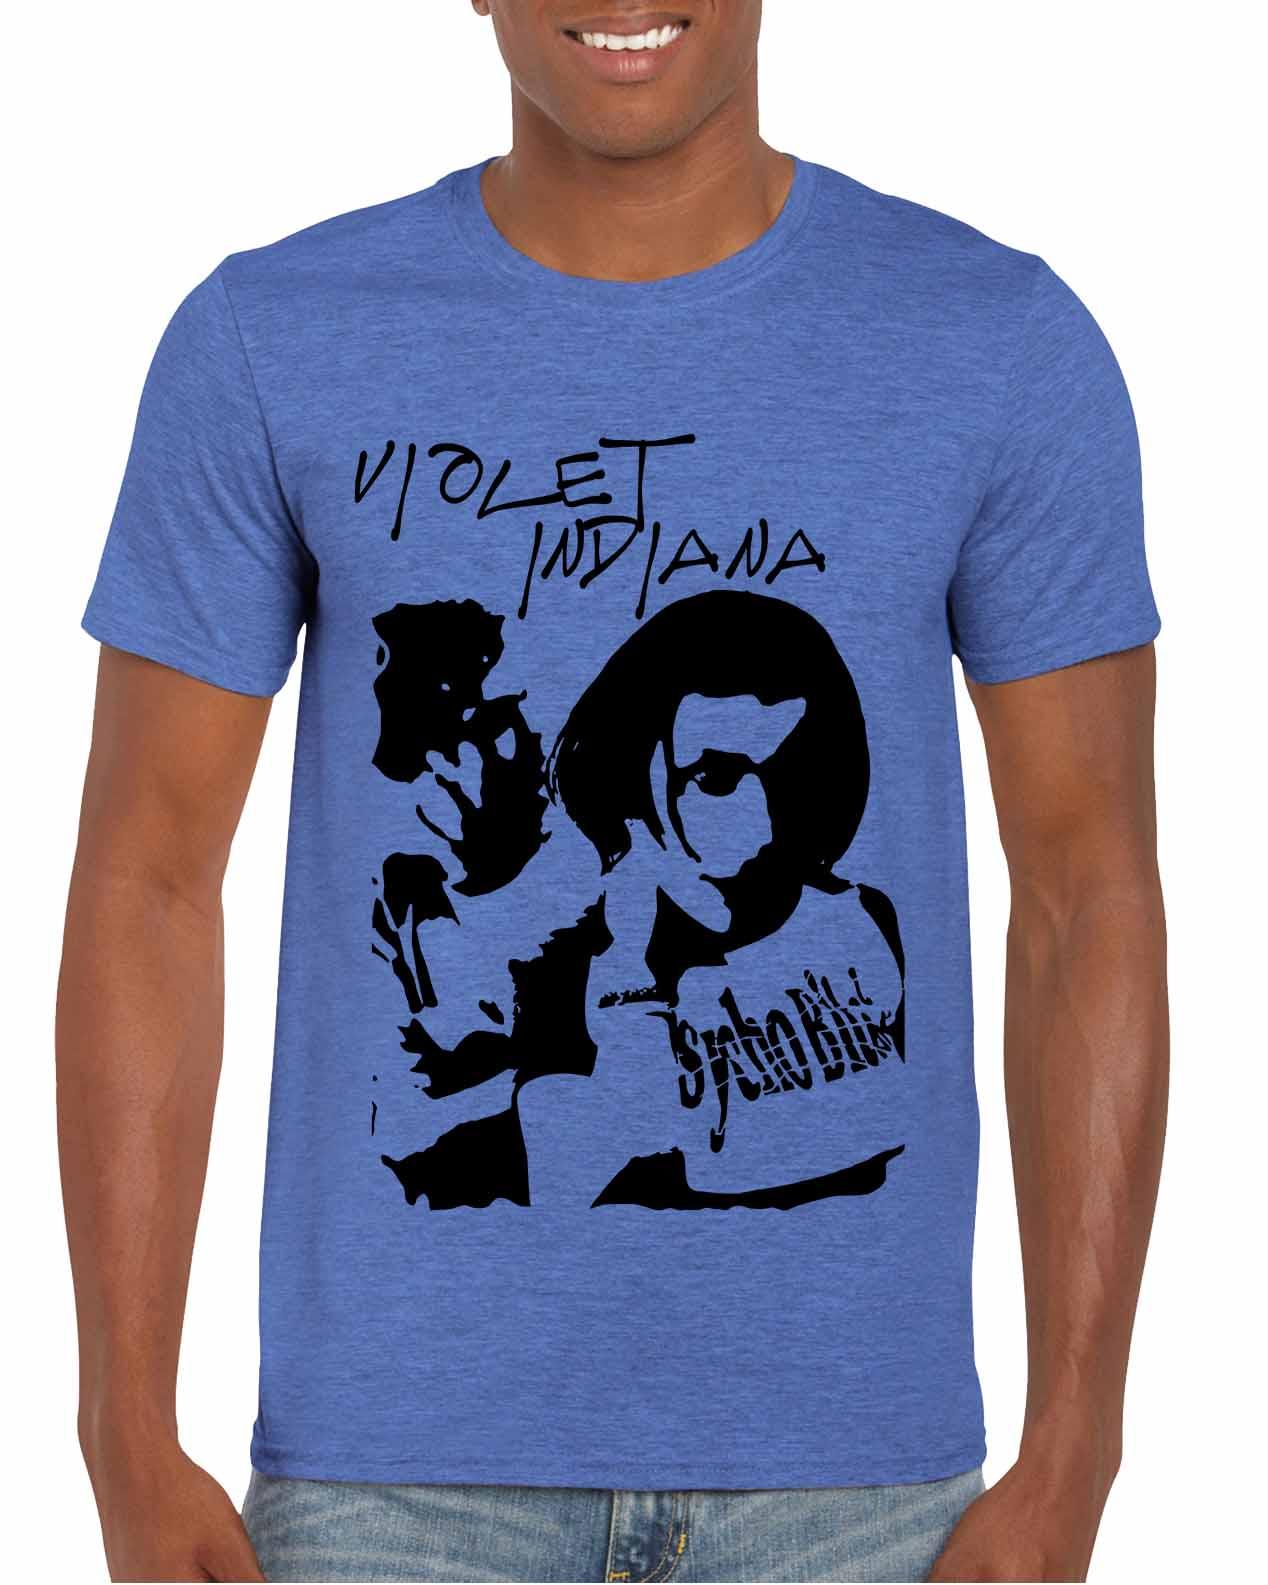 Violet Indiana